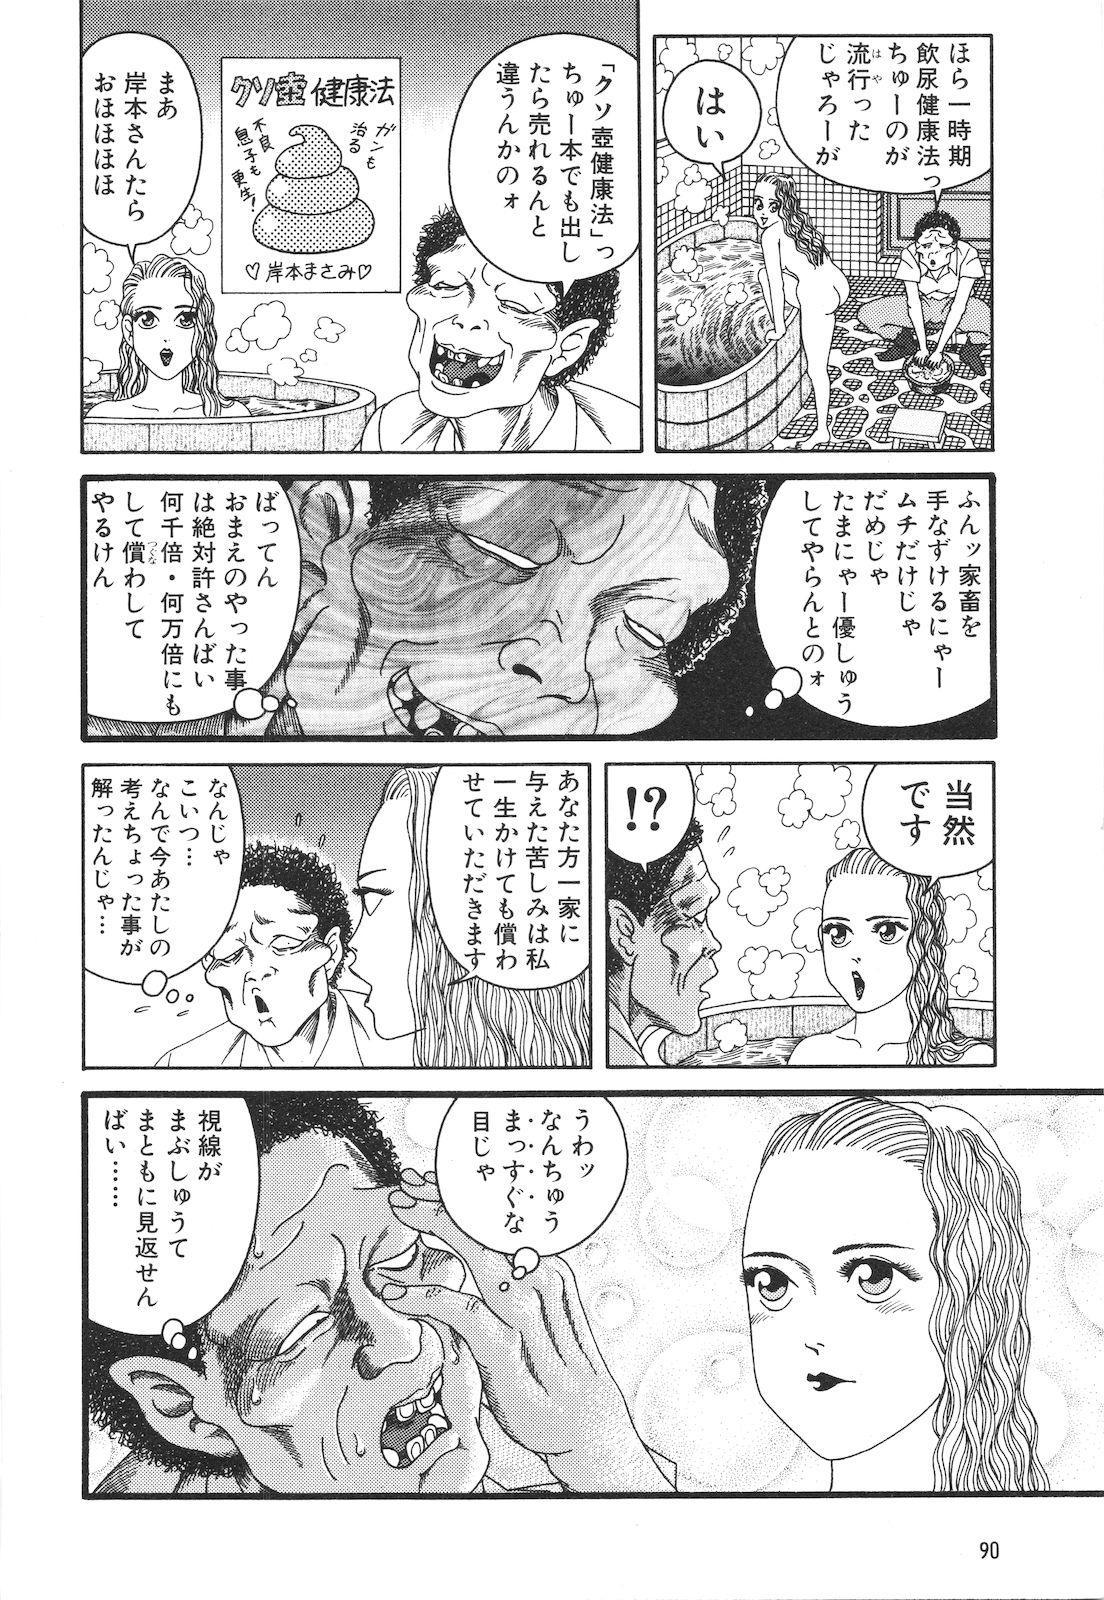 Dobusarai Gekijou 91